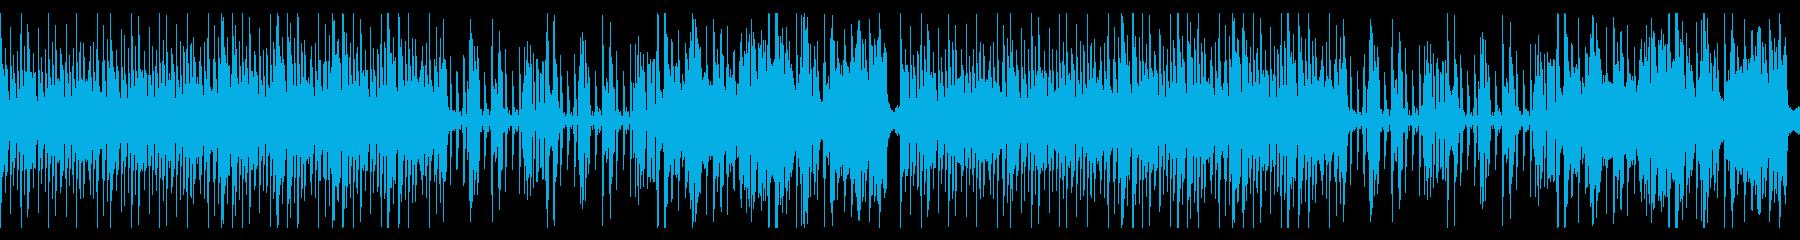 ジャズ風分析・解説・トラブルの再生済みの波形